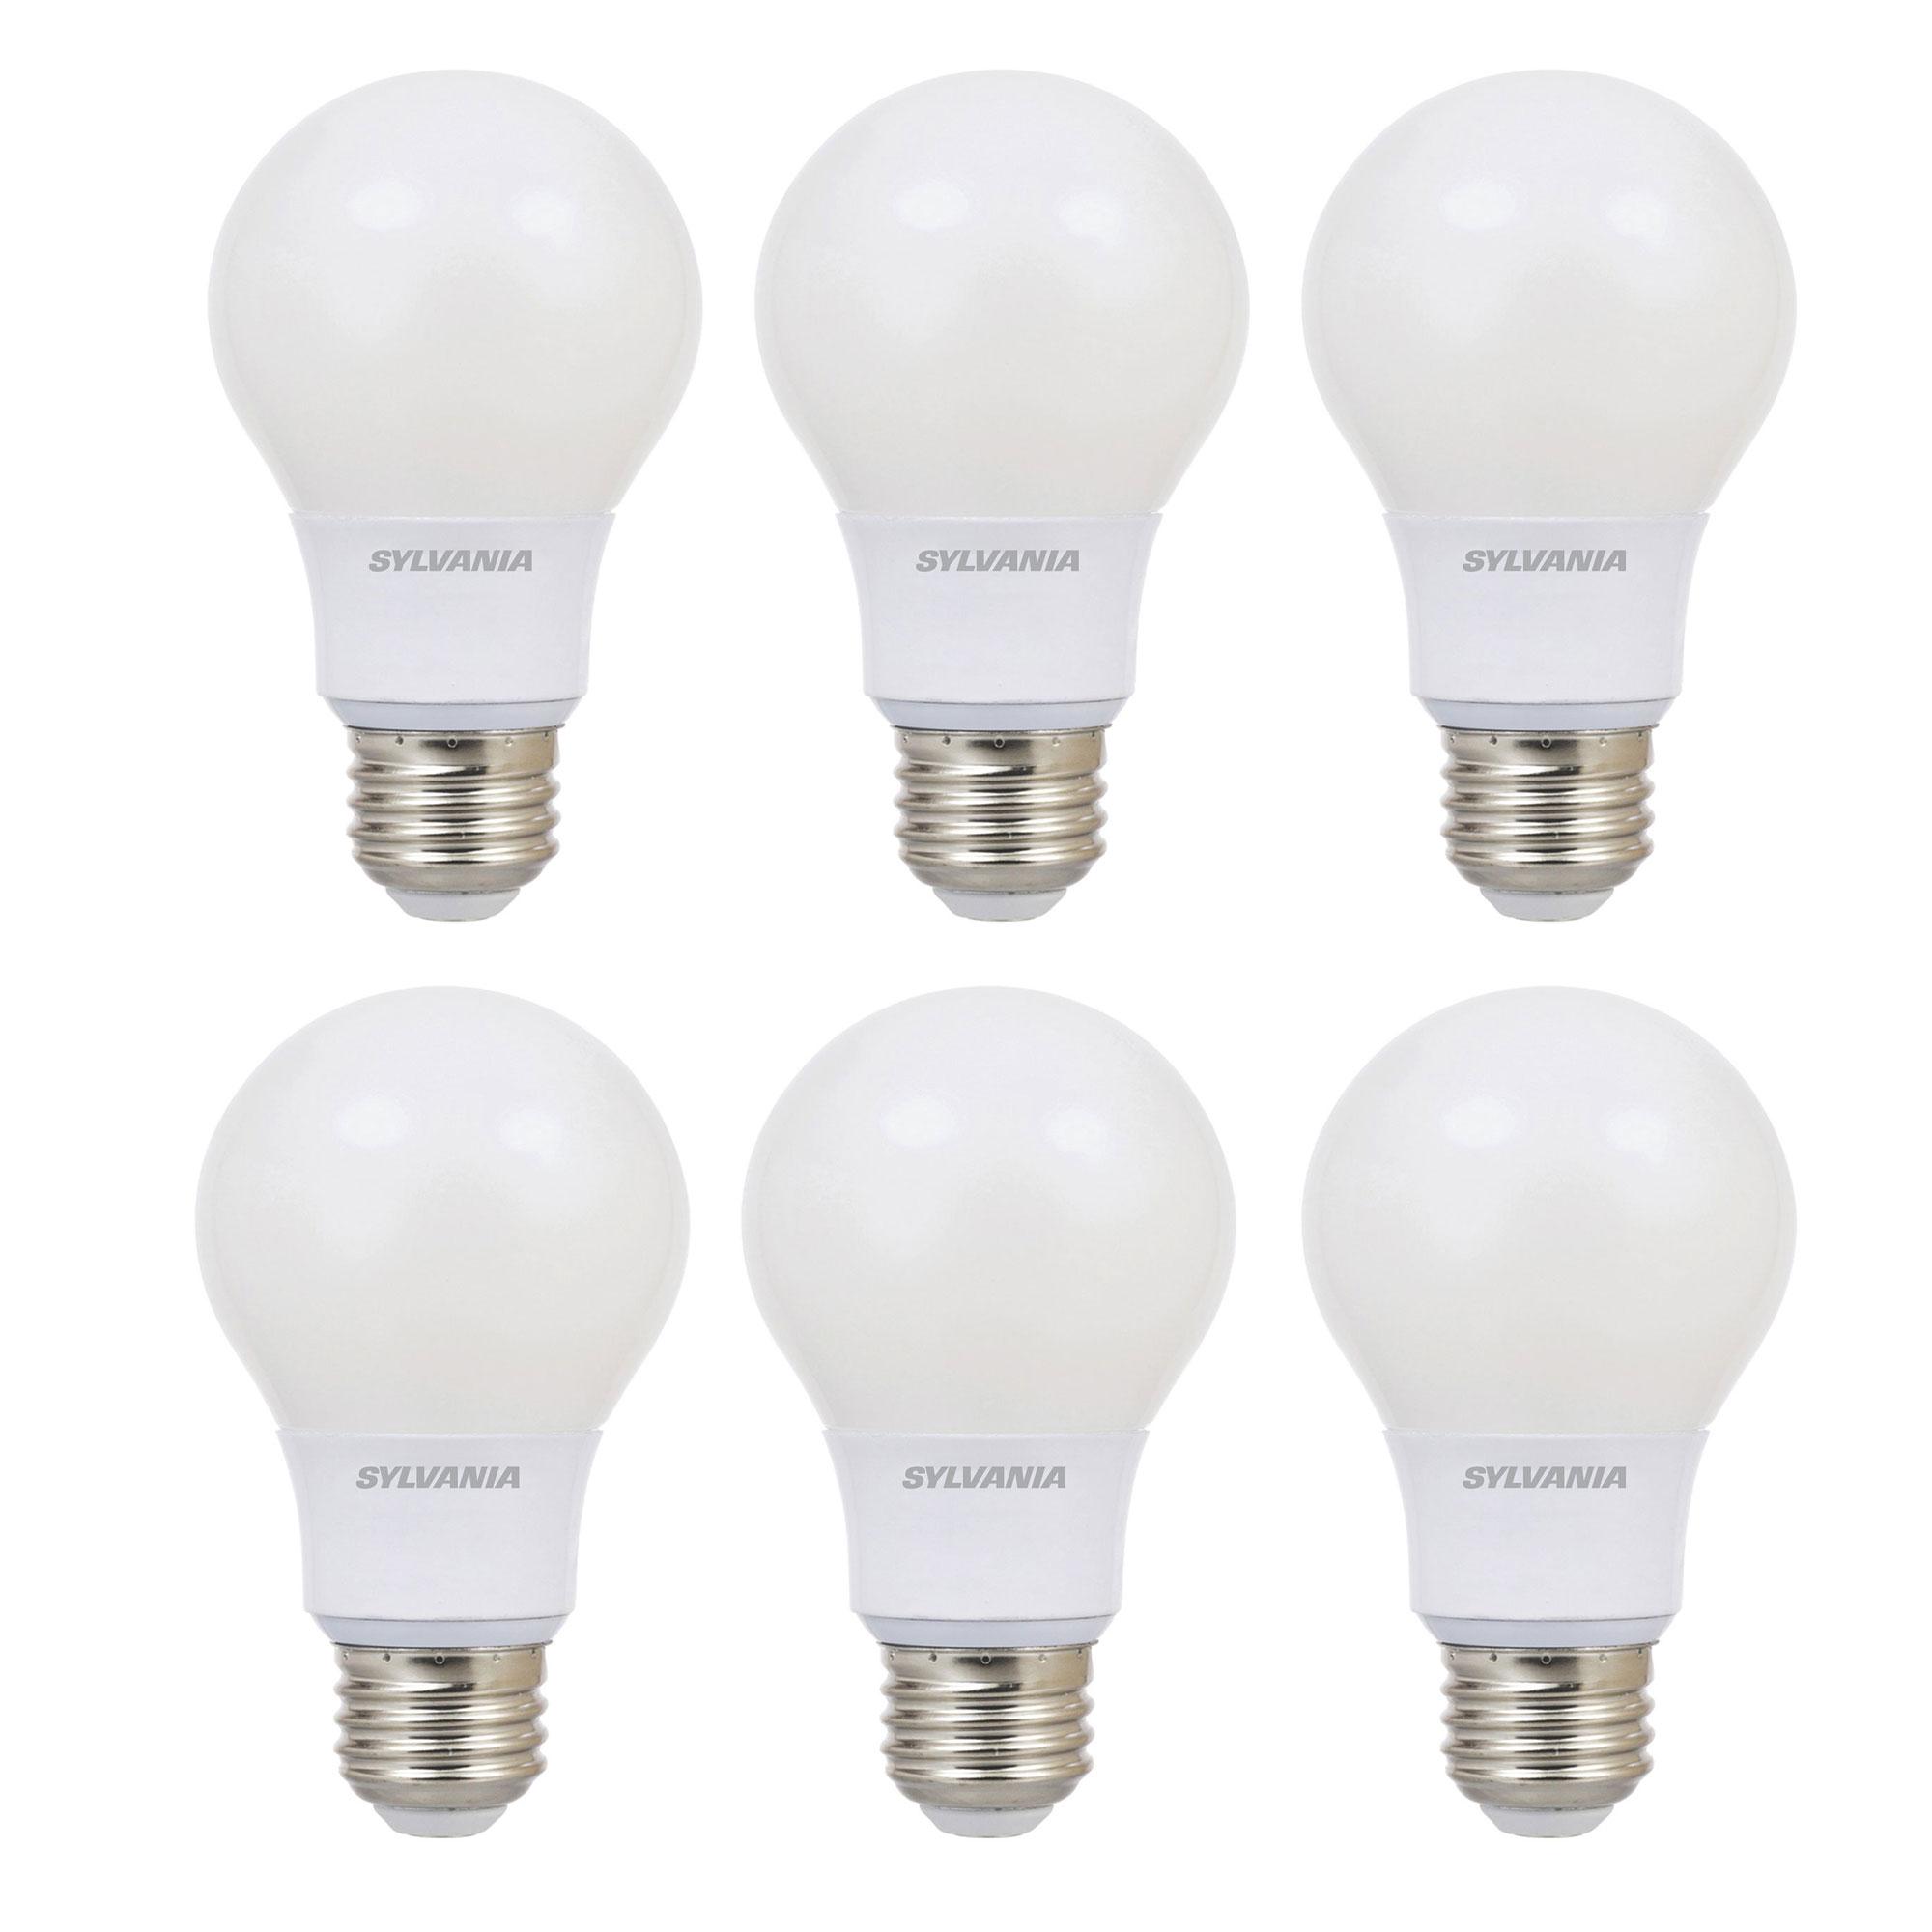 6-Pack - Sylvania Ultra A19 40W 120V E26 Base Dimmable Daylight LED Light Bulb - $16.99 + FS